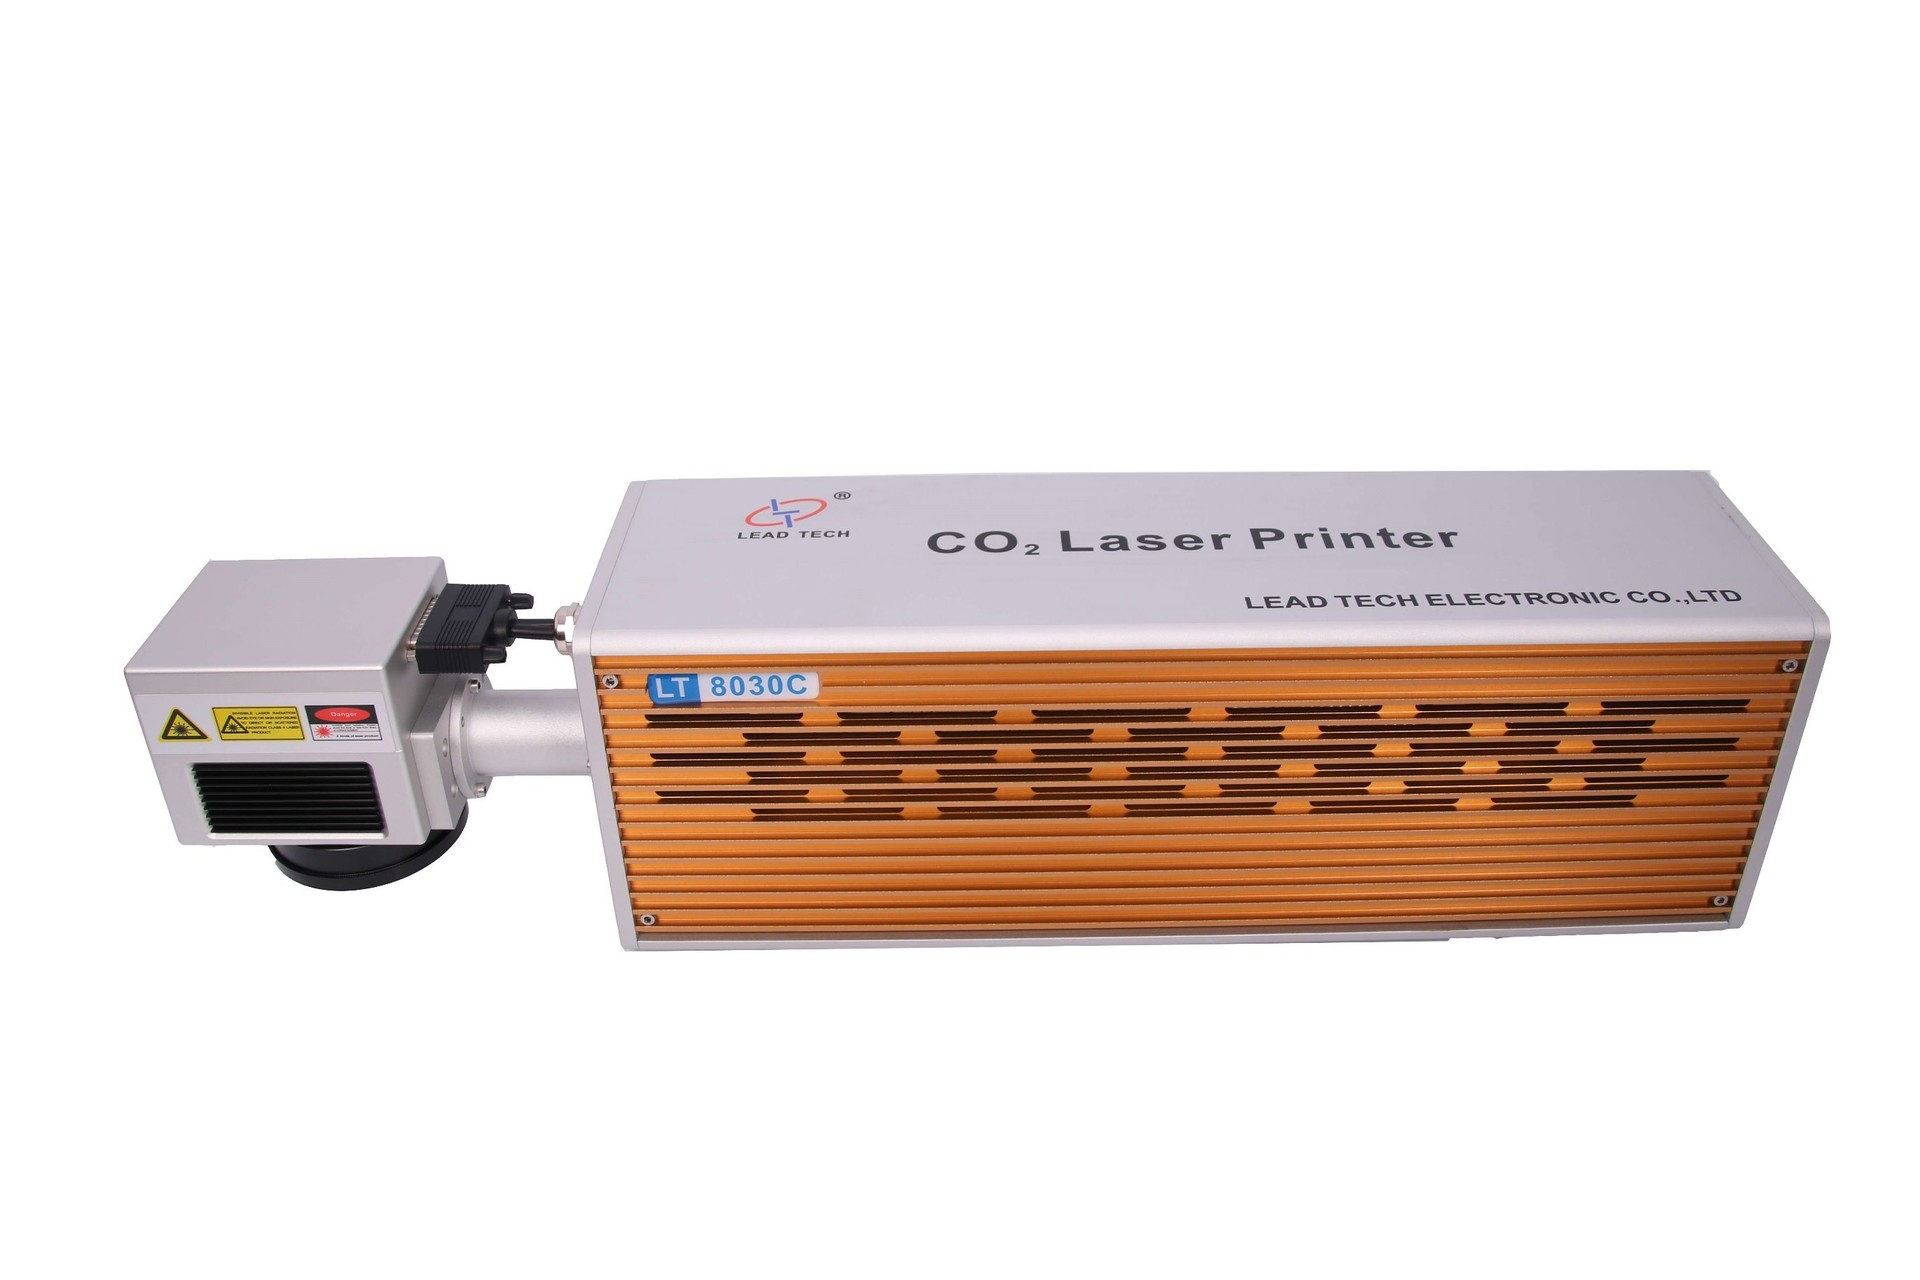 Lt8020c/Lt8030c CO2 High Precision Economic Cable Laser Printer